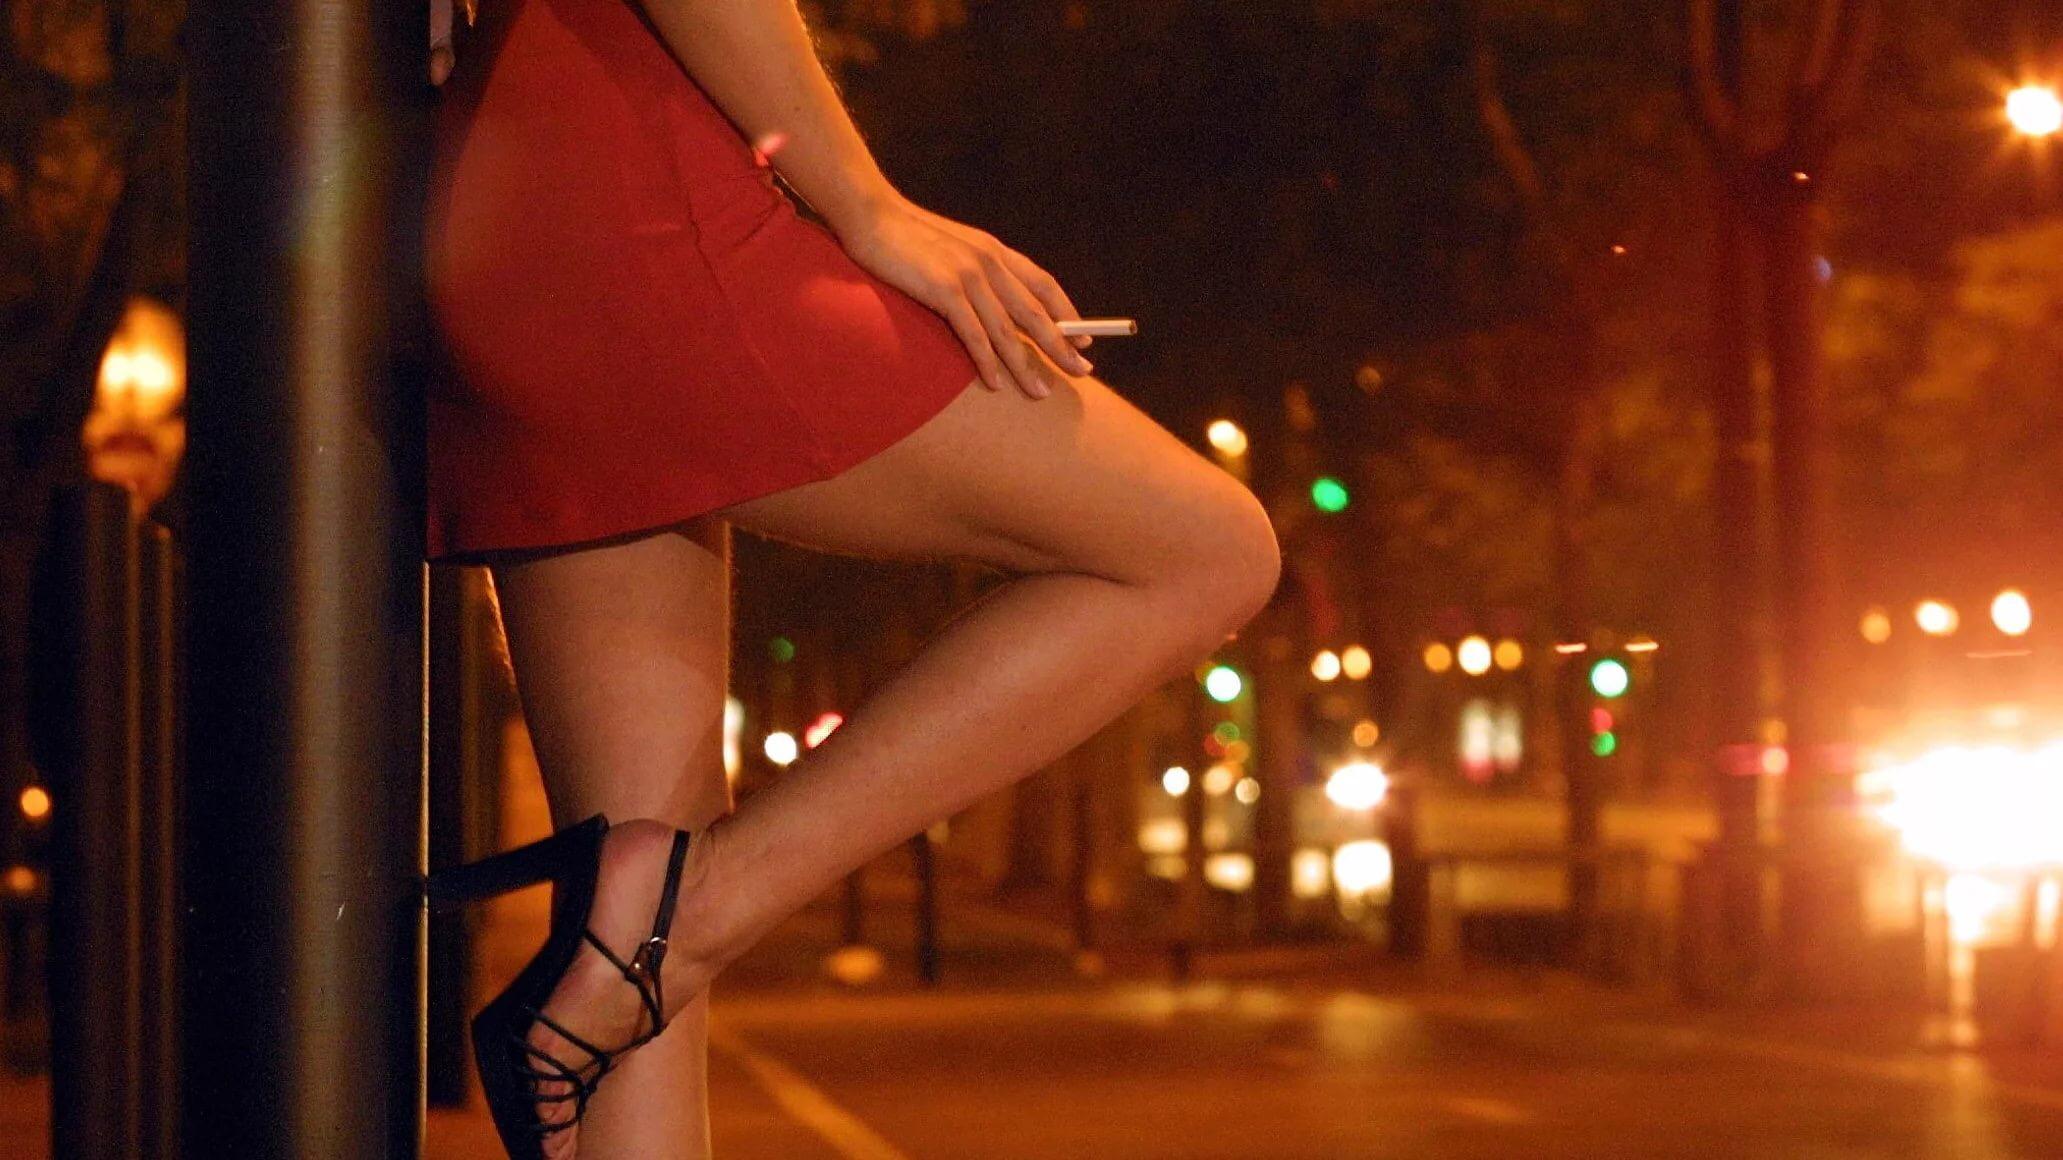 Столичные полицейские задержали коллегу-проститутку из Саратова